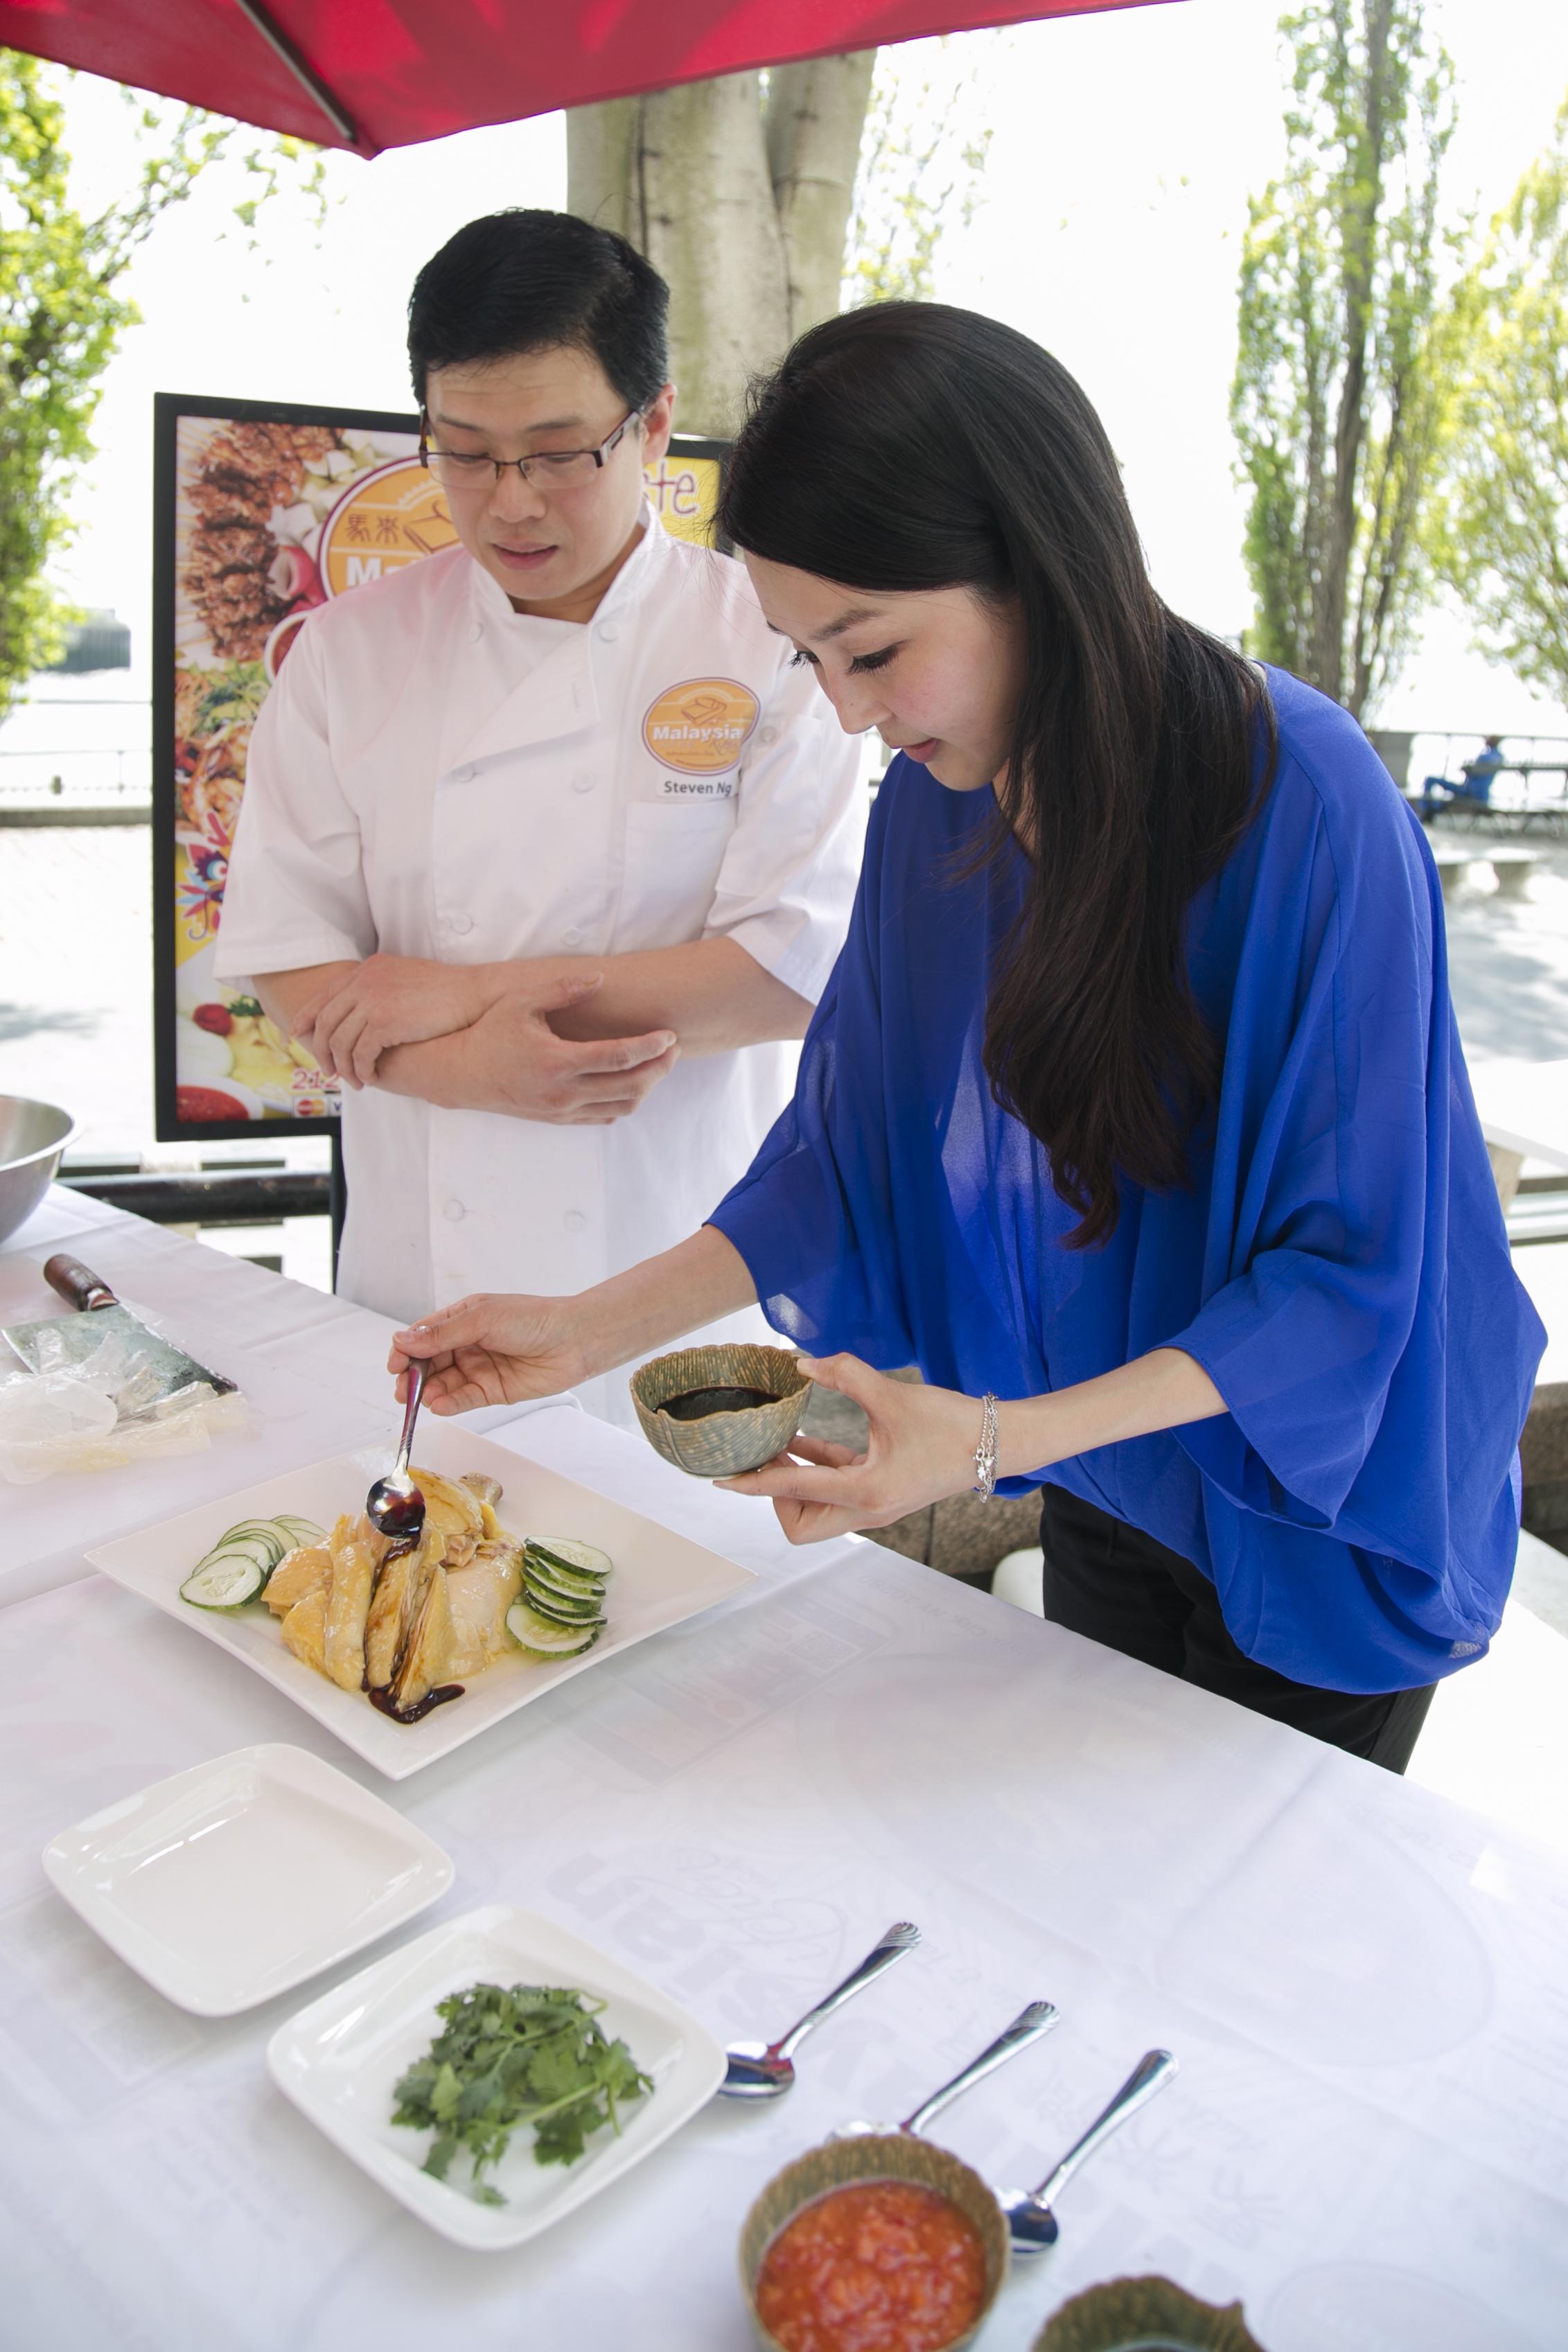 Cici Li makes Hainanese Chicken at Malaysia Kitchen USA. (Samira Bouaou/Epoch Times)